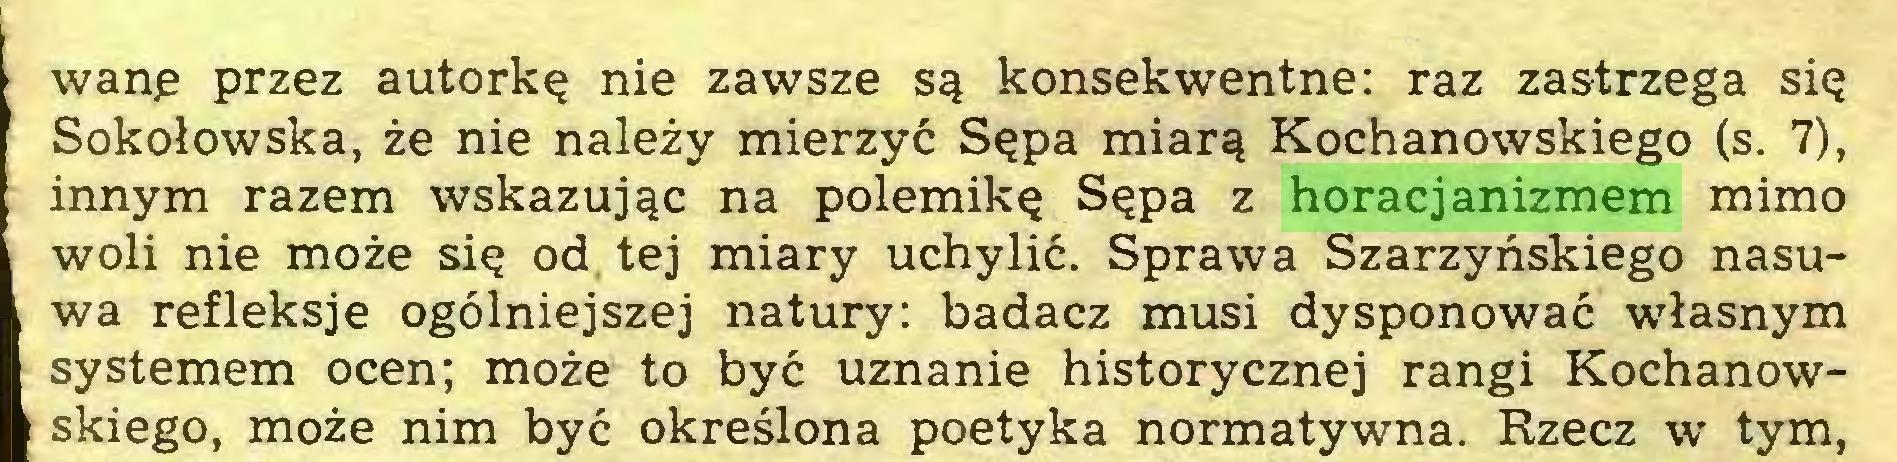 (...) wanę przez autorkę nie zawsze są konsekwentne: raz zastrzega się Sokołowska, że nie należy mierzyć Sępa miarą Kochanowskiego (s. 7), innym razem wskazując na polemikę Sępa z horacjanizmem mimo woli nie może się od tej miary uchylić. Sprawa Szarzyńskiego nasuwa refleksje ogólniejszej natury: badacz musi dysponować własnym systemem ocen; może to być uznanie historycznej rangi Kochanowskiego, może nim być określona poetyka normatywna. Rzecz w tym,...